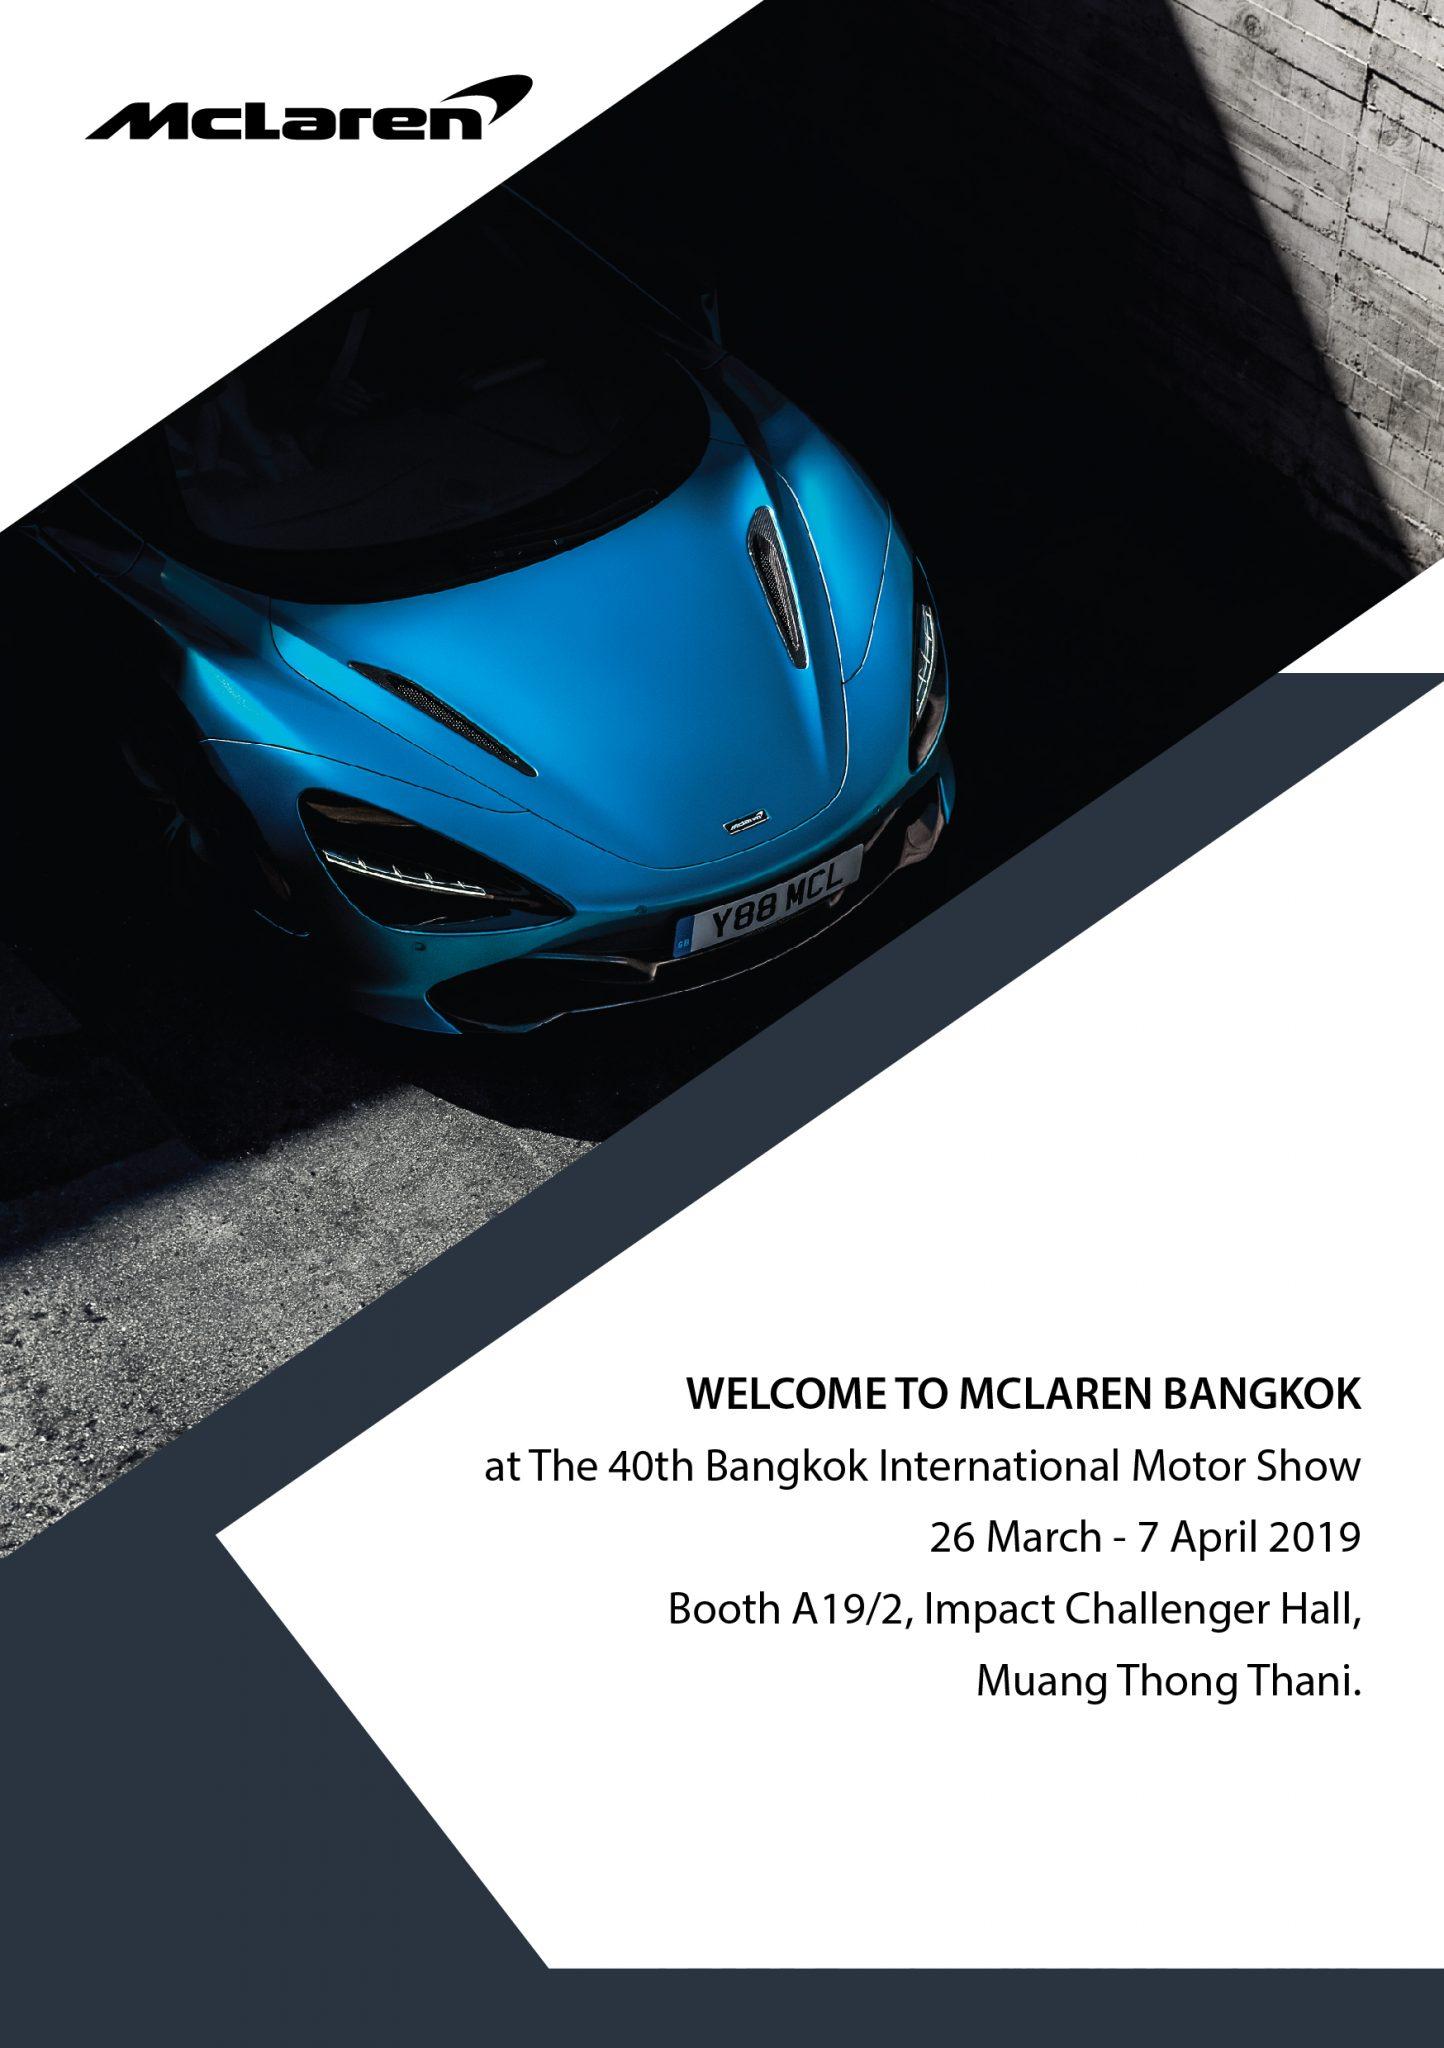 """นิช คาร์ กรุ๊ป เผยโฉม """"แมคลาเรน 720เอส สไปเดอร์"""" (McLaren 720S Spider) ครั้งแรกในไทย ในมอเตอร์โชว์ ครั้งที่ 40 2 -"""